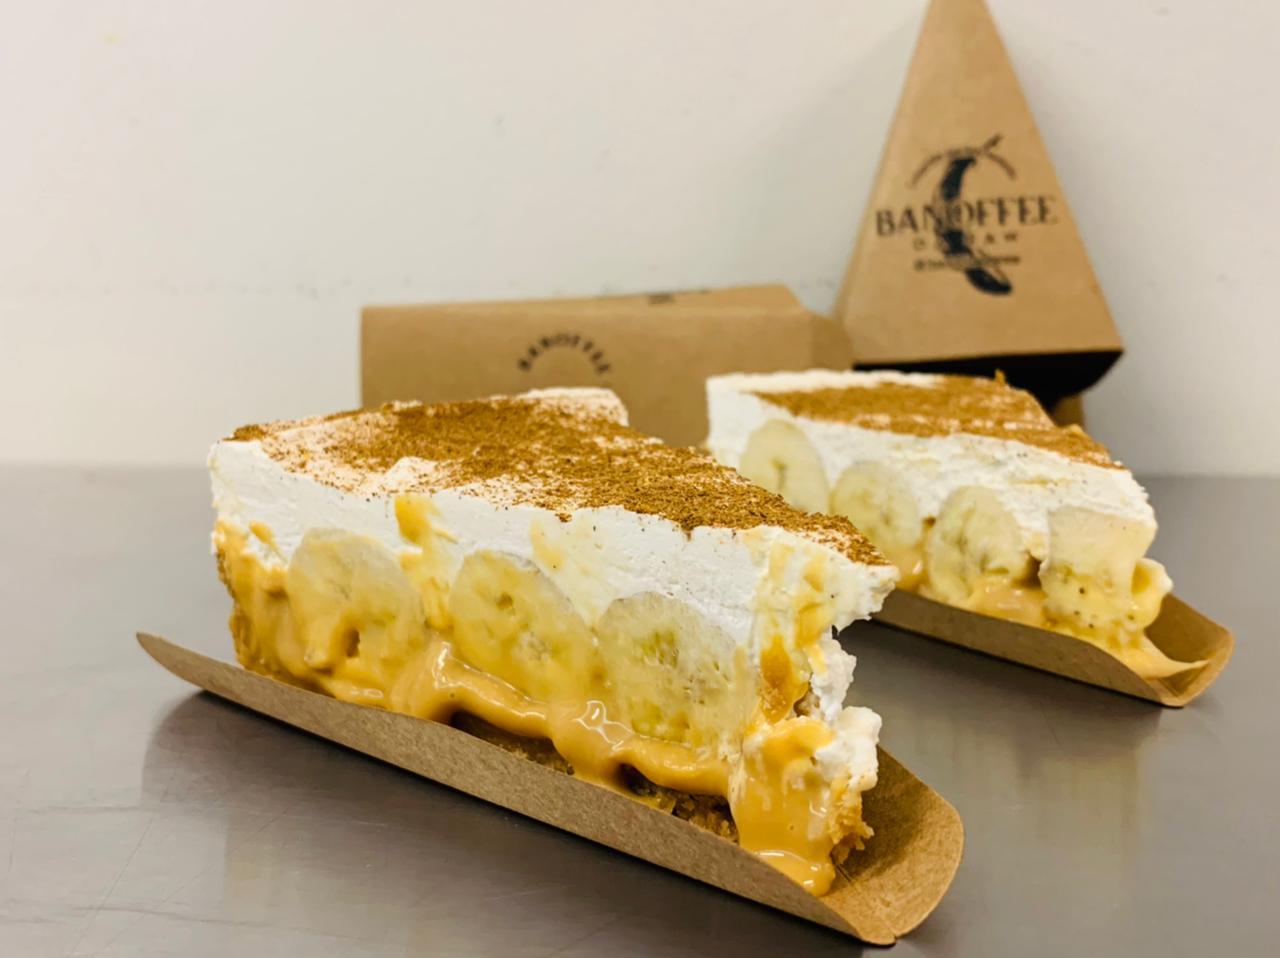 """Conheça a """"banoffee"""", a torta de banana Inglesa que virou sensação no Brasil"""